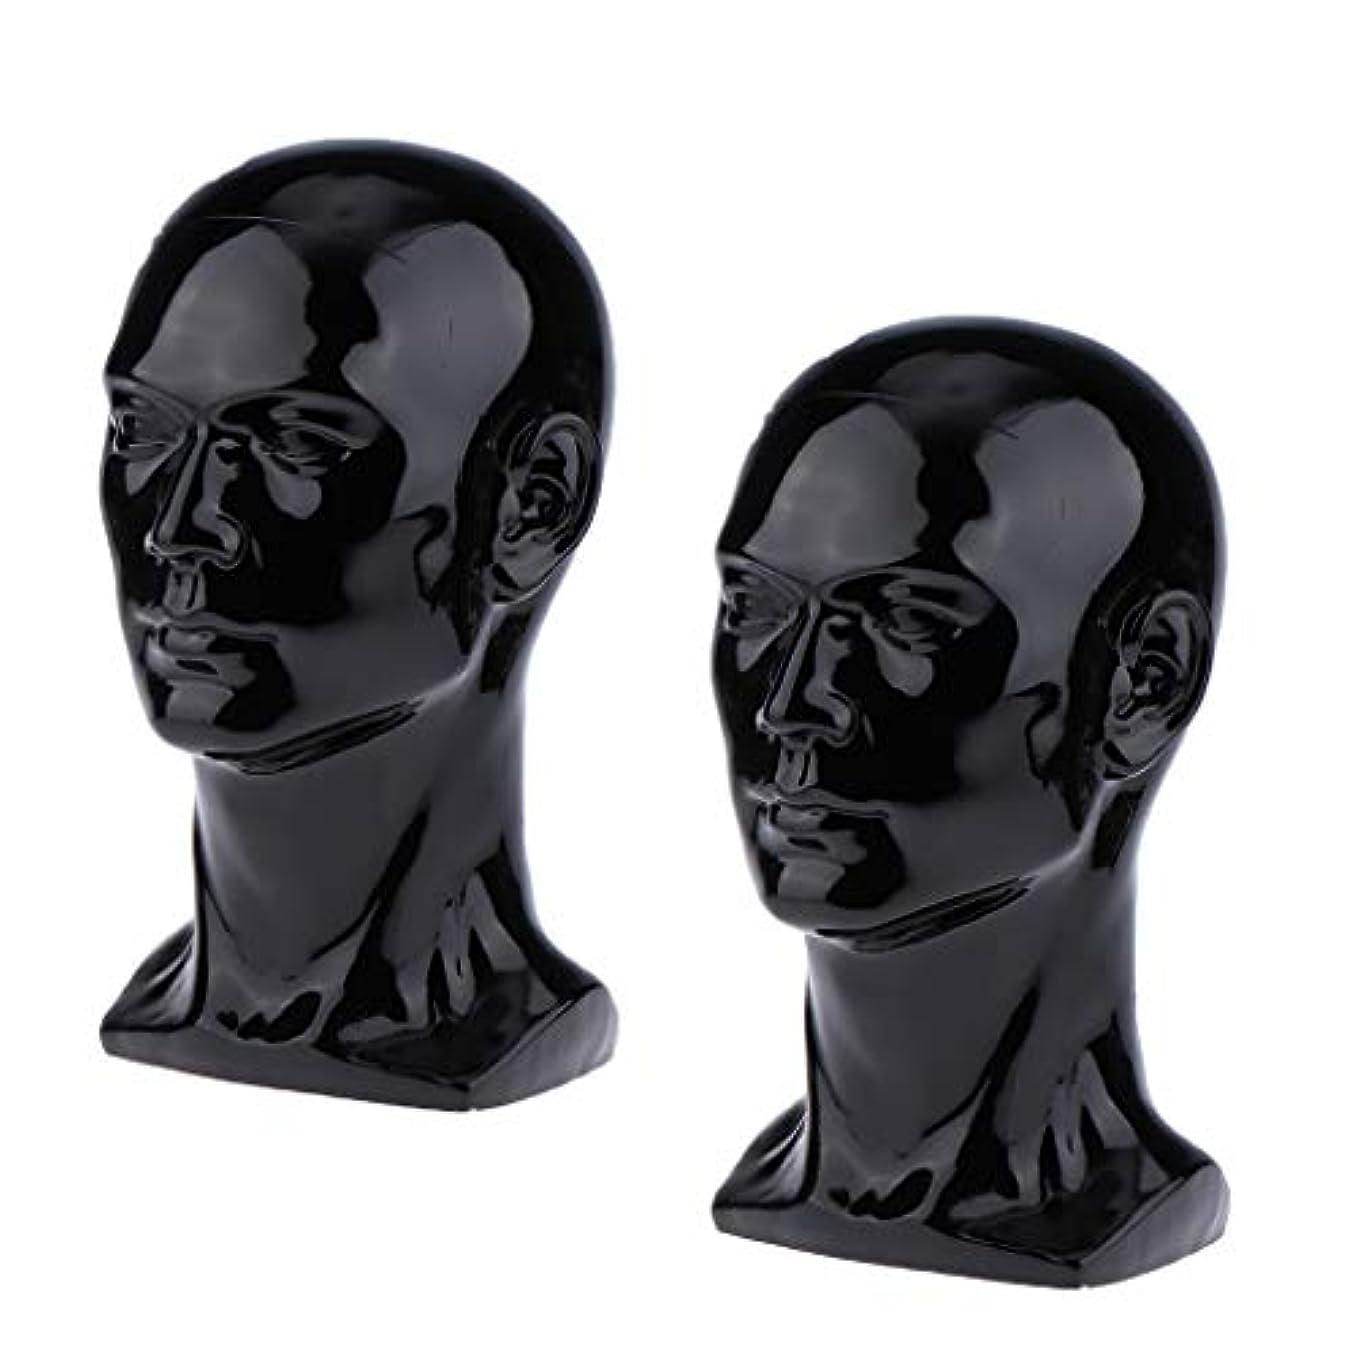 スカーフクリケットとげのあるToygogo 2×男性マネキンマネキンヘッドメガネキャップかつらジュエリーディスモデル